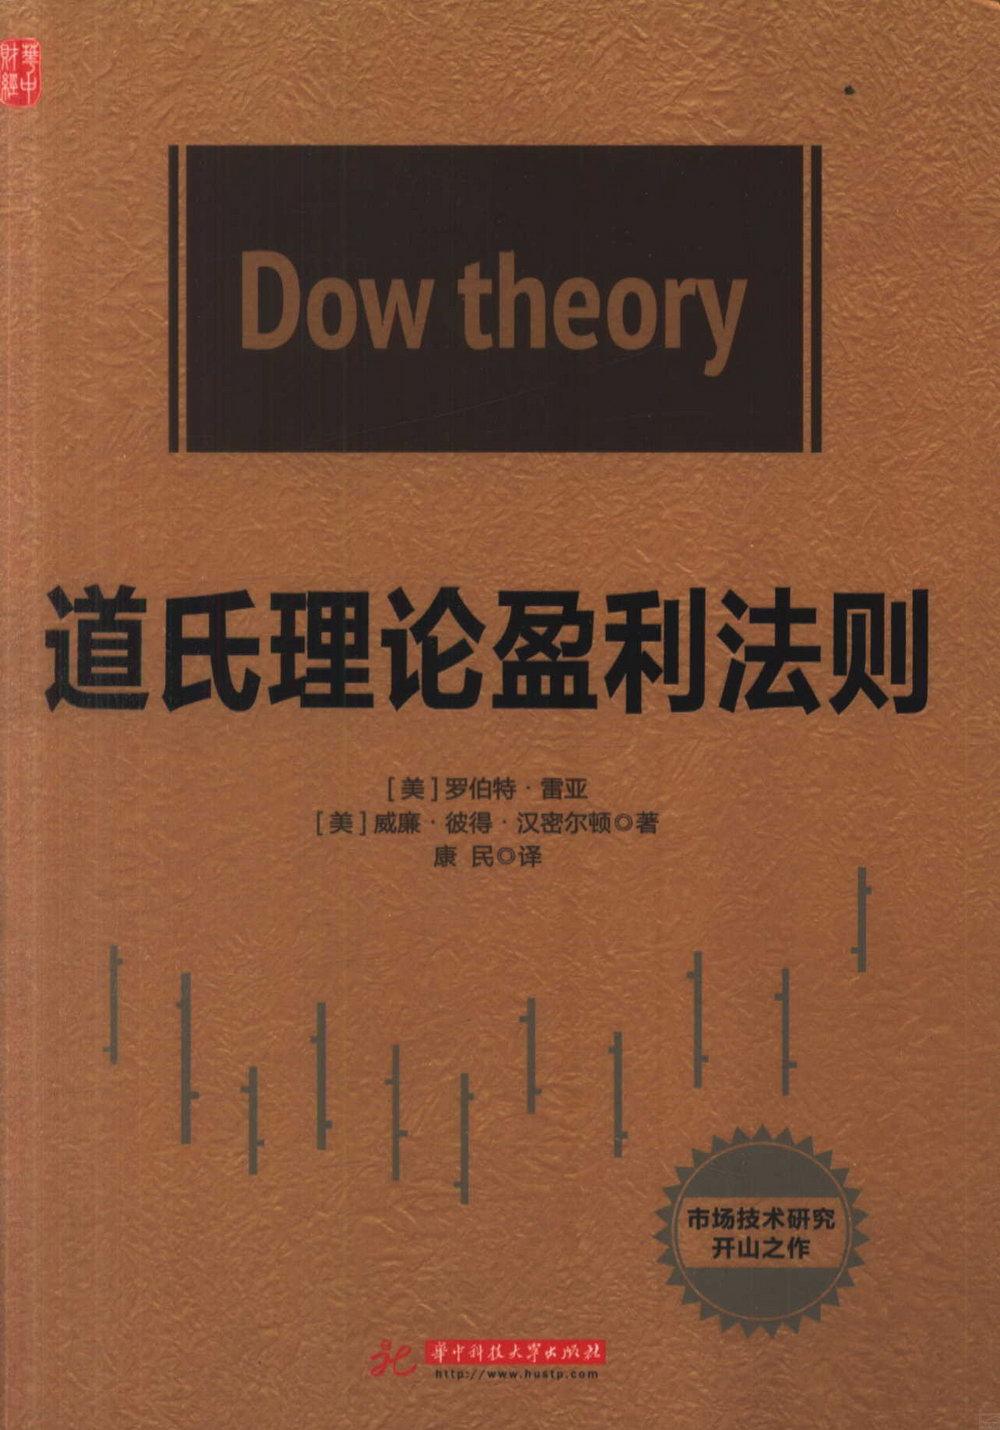 道氏理論盈利法則